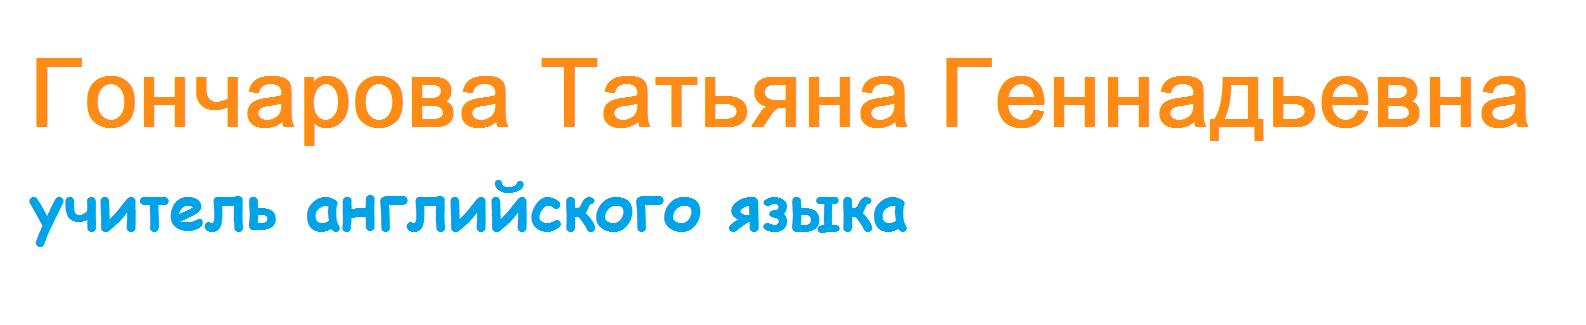 Персональный сайт Гончаровой Т.Г.